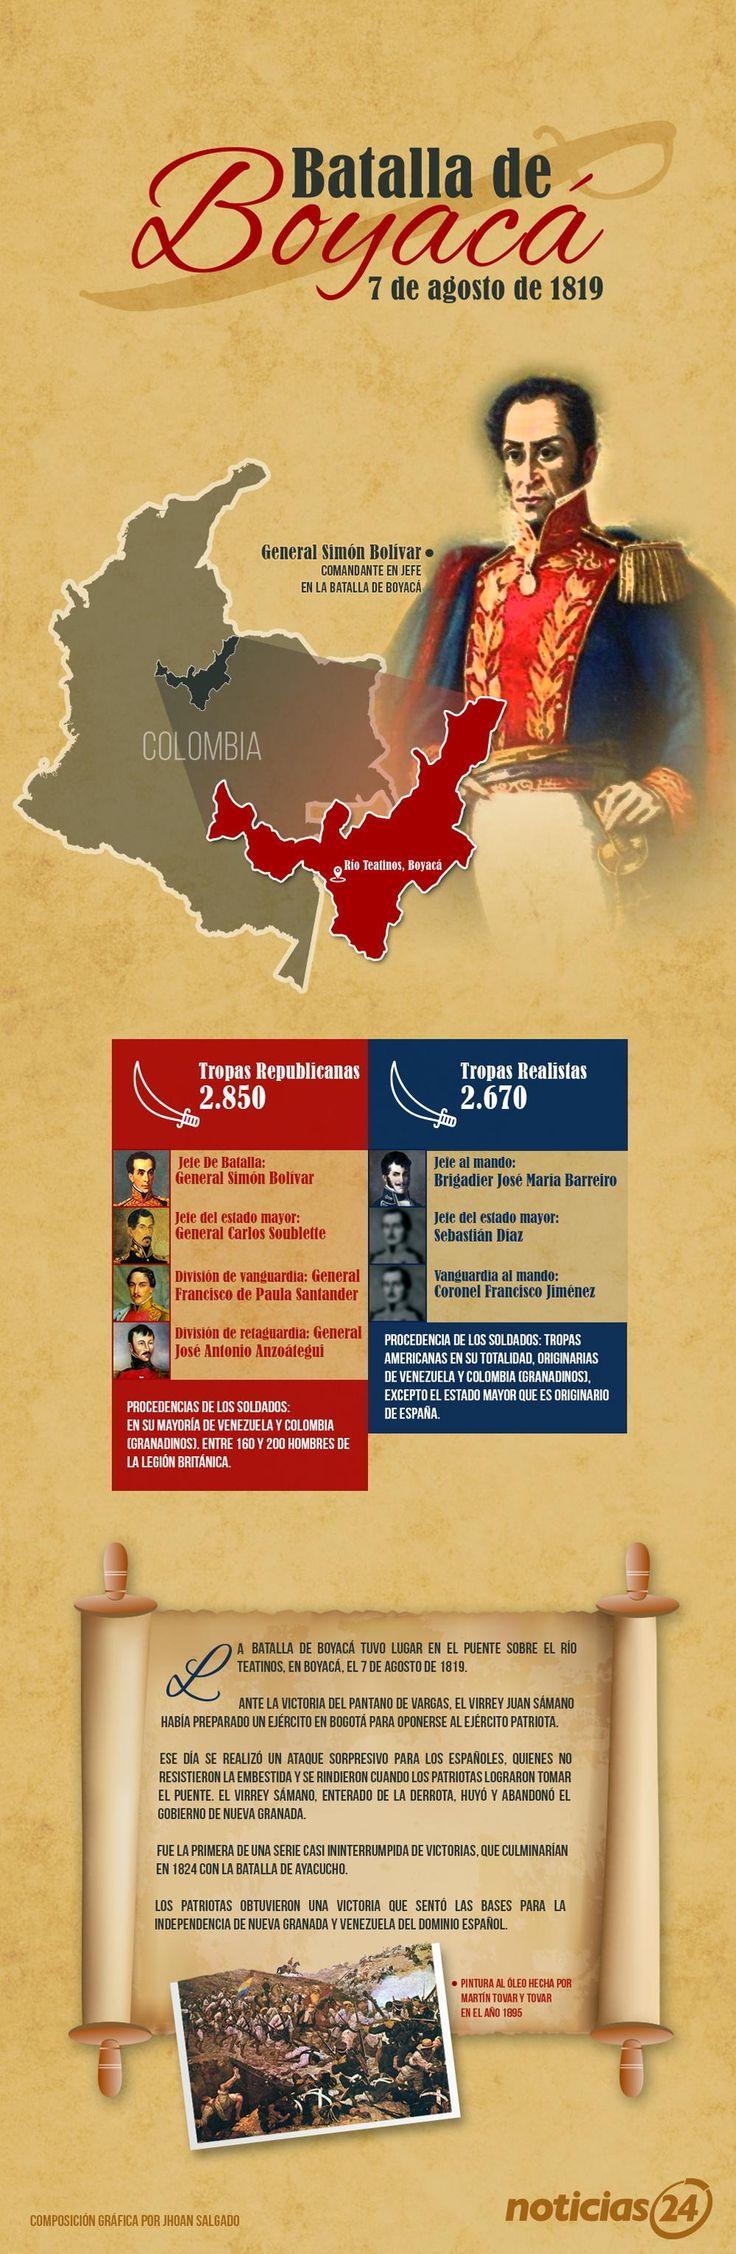 la Batalla de Boyacá, la contienda decisiva por la emancipación de #Venezuela